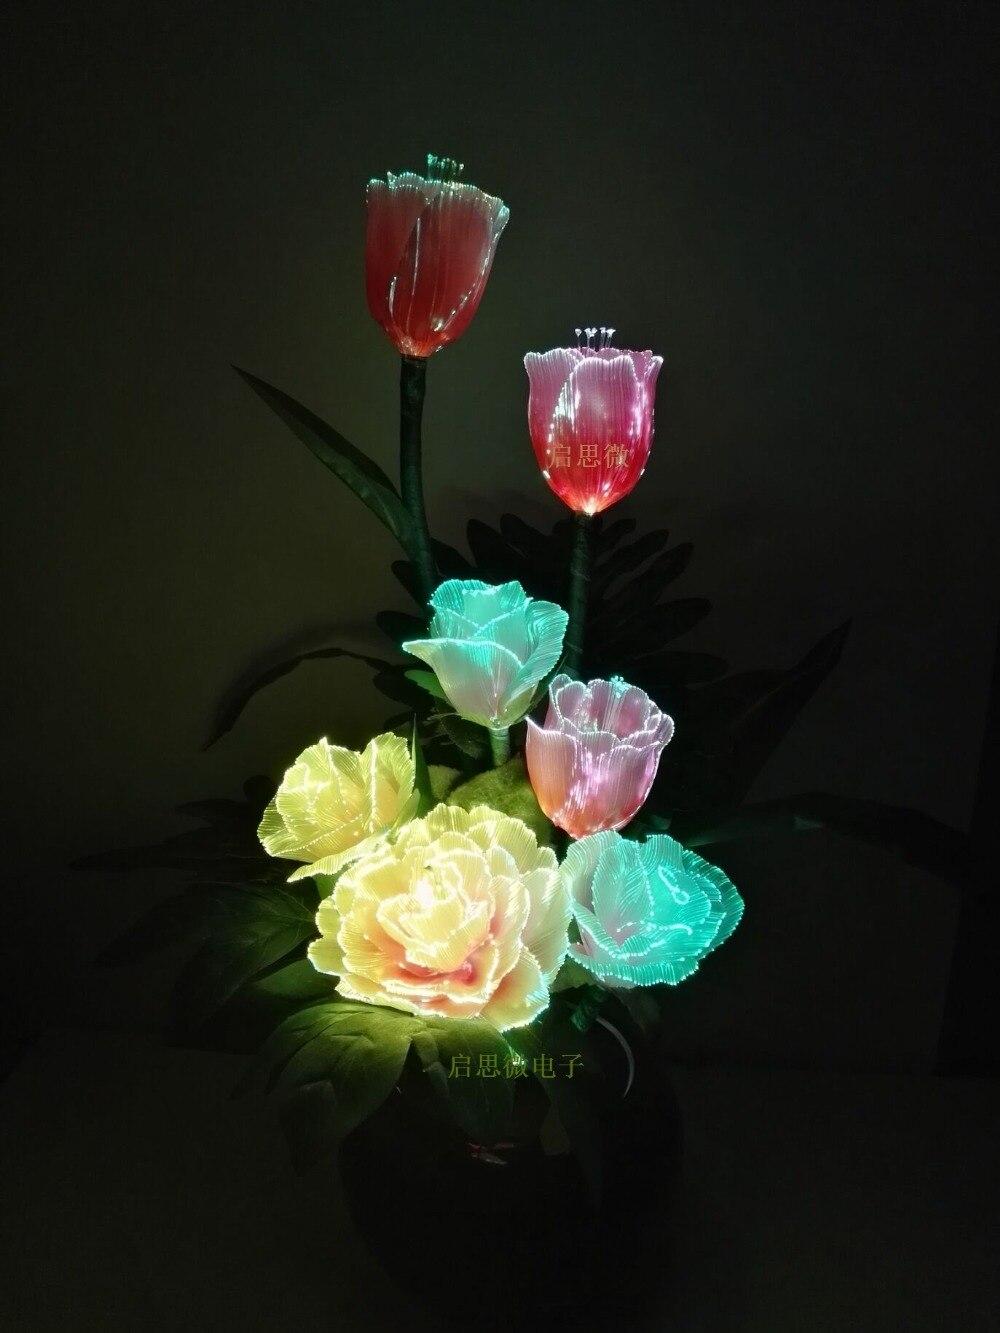 Éclairage fibre optique à LED fleurs artificielles fleur de soie automne européen pivoine vive Rose tulipes fausse feuille lampe à LED créative